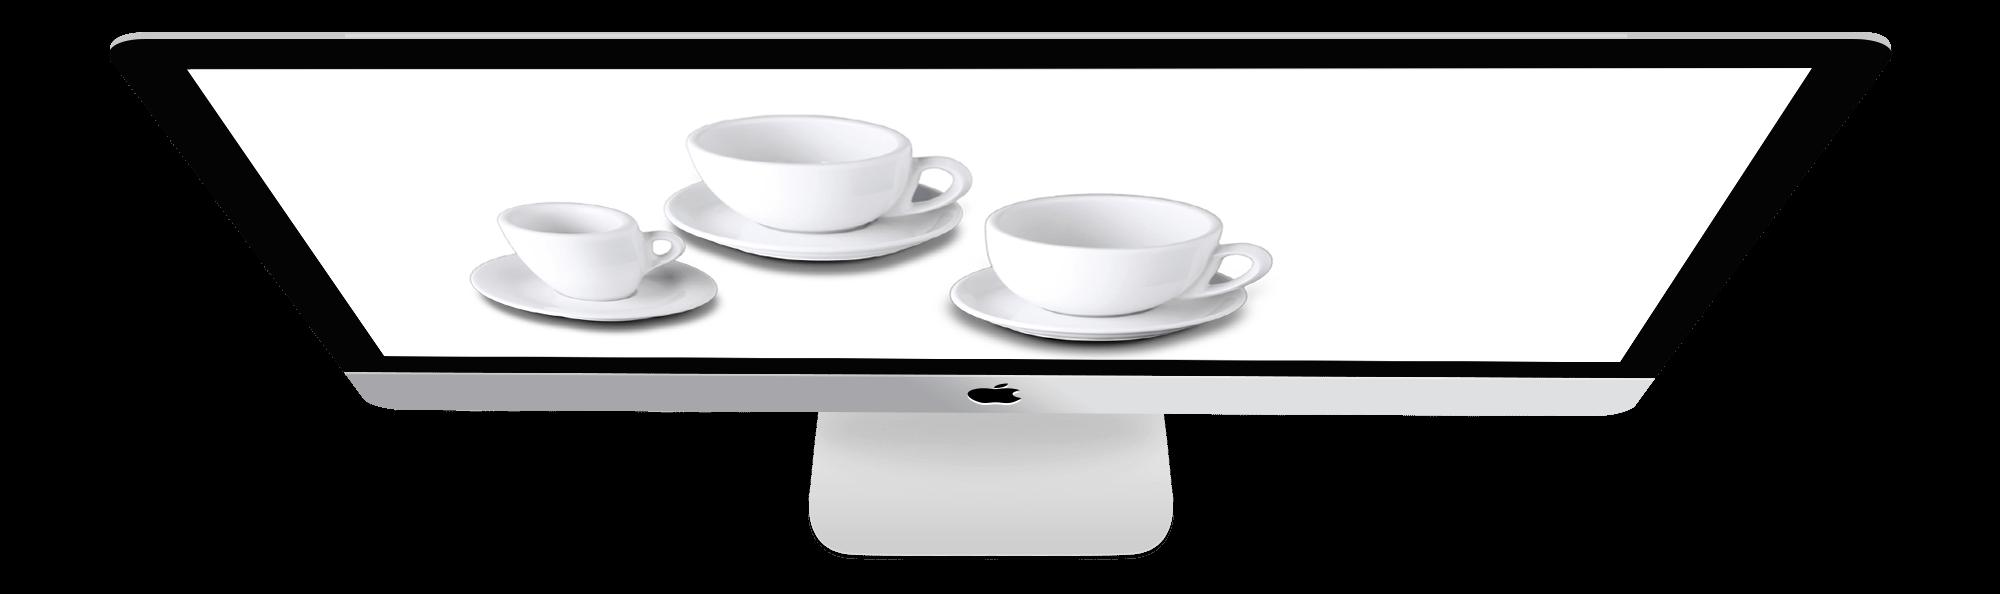 Brandcrock-Tea cup mac